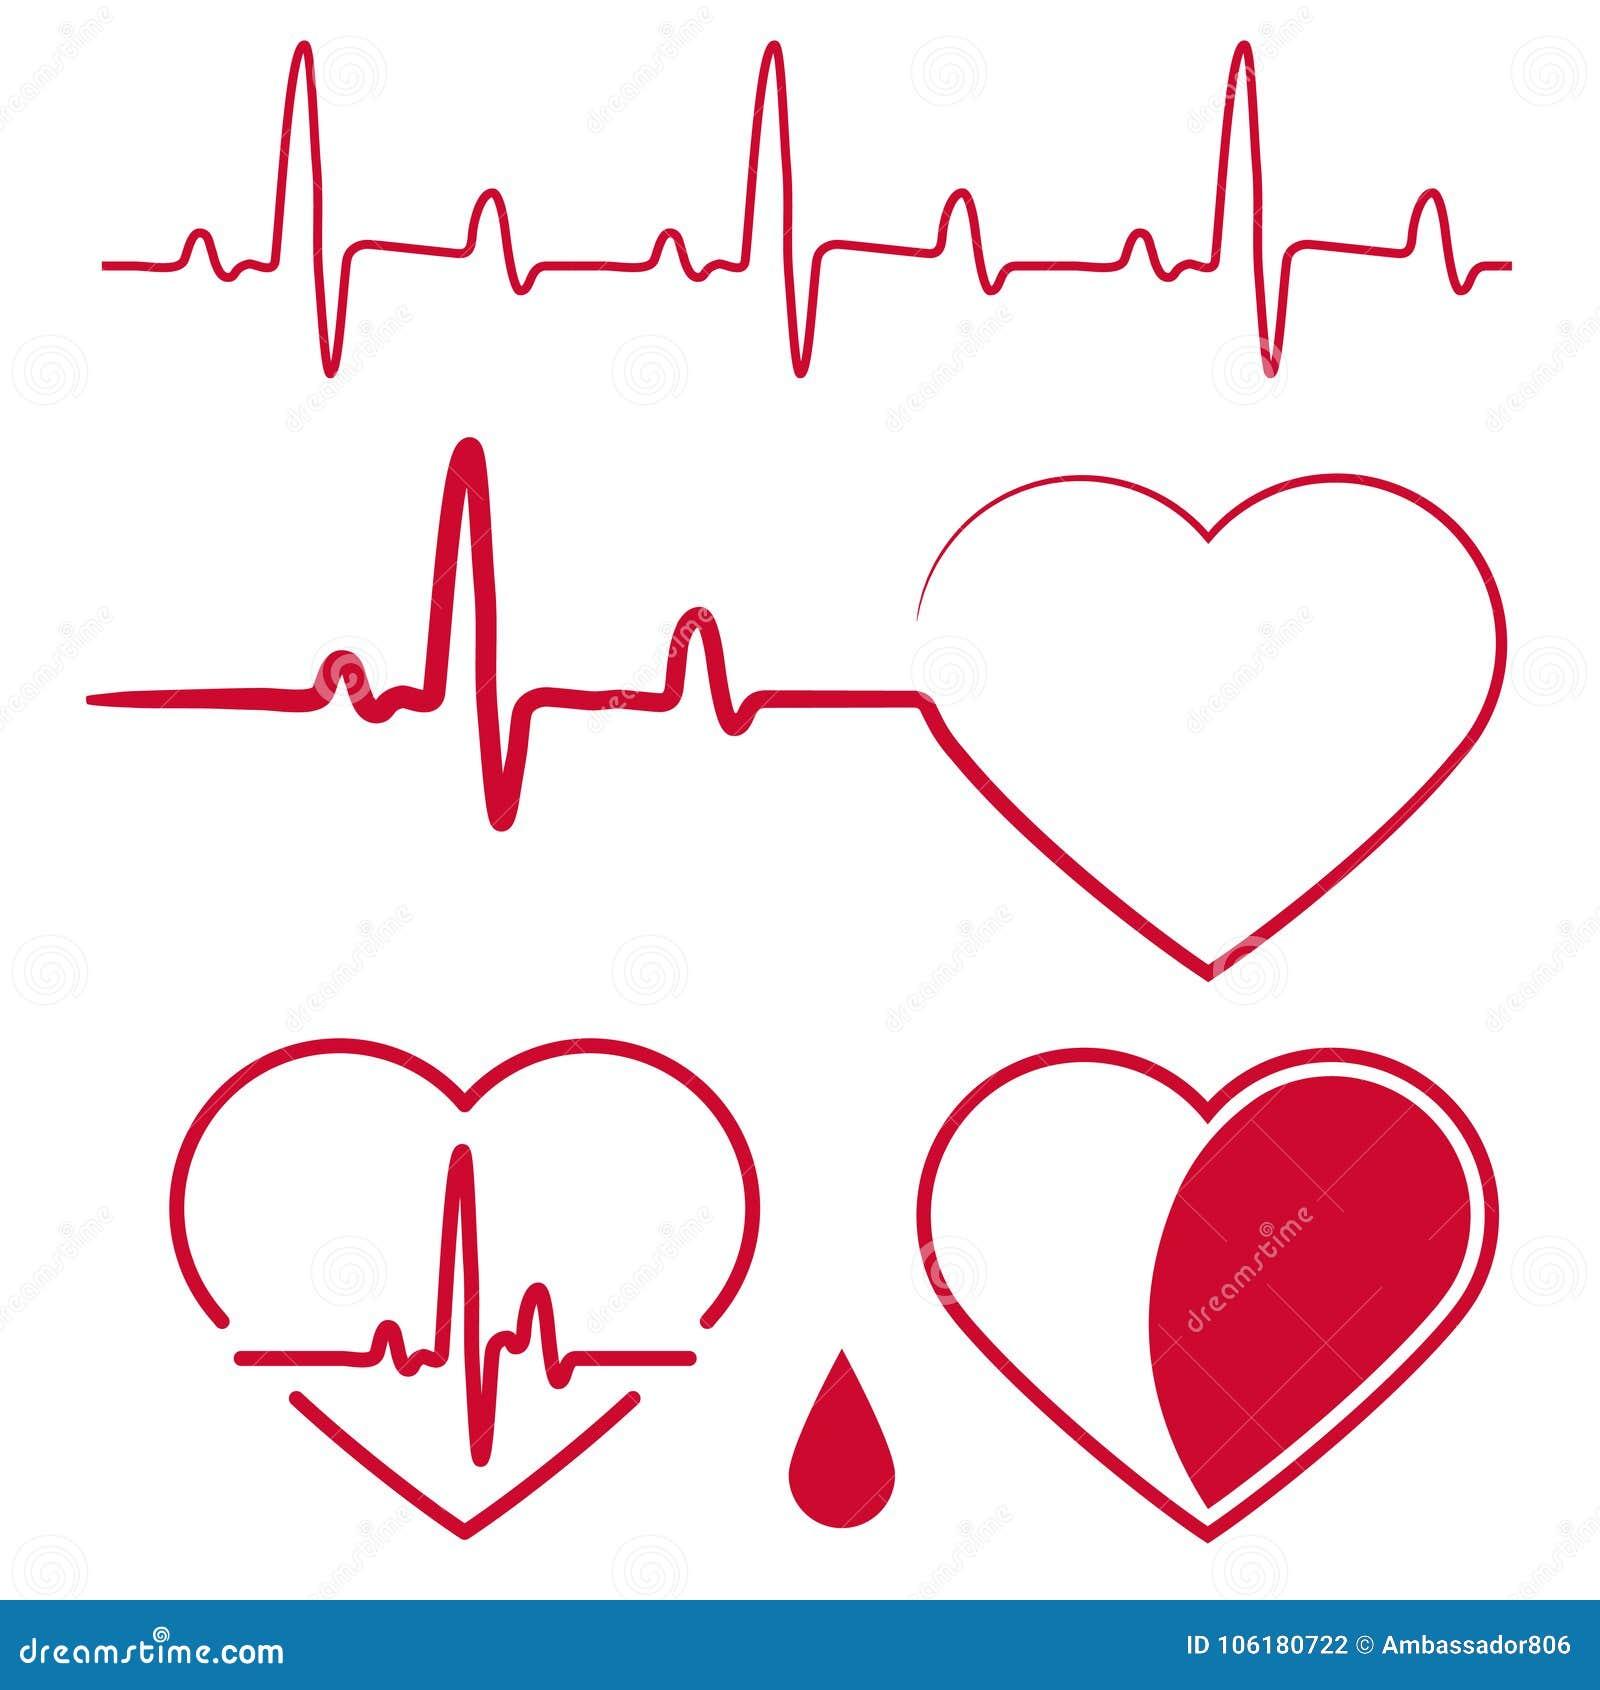 El cardiograma del corazón agita, muestra roja del gráfico del latido del corazón, una línea